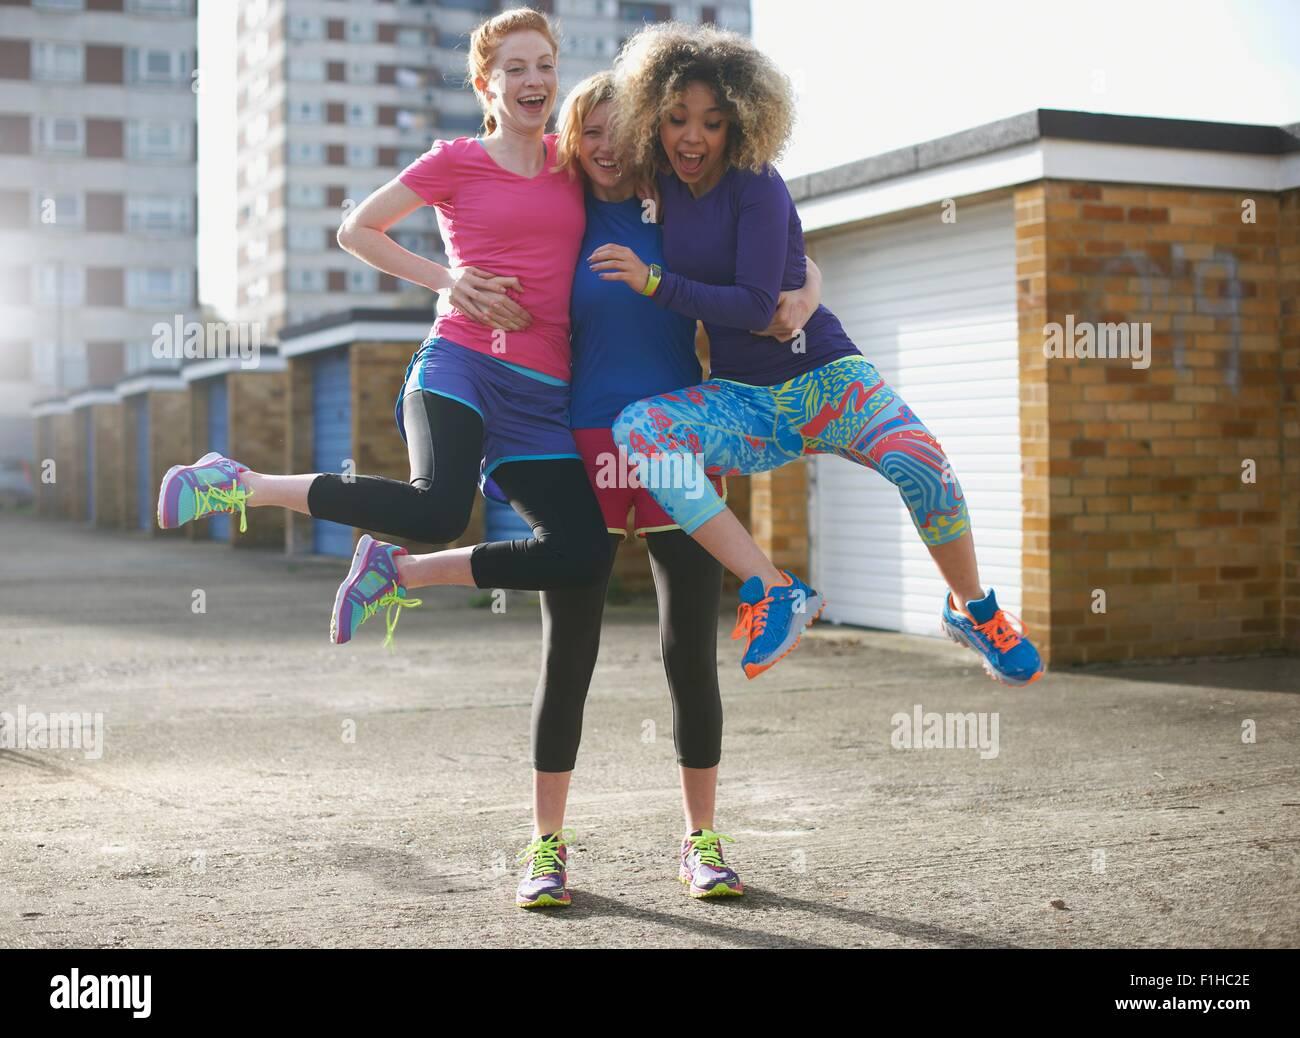 534fe71a8f5baf Porträt von drei Frauen tragen sportliche Kleidung springen ...